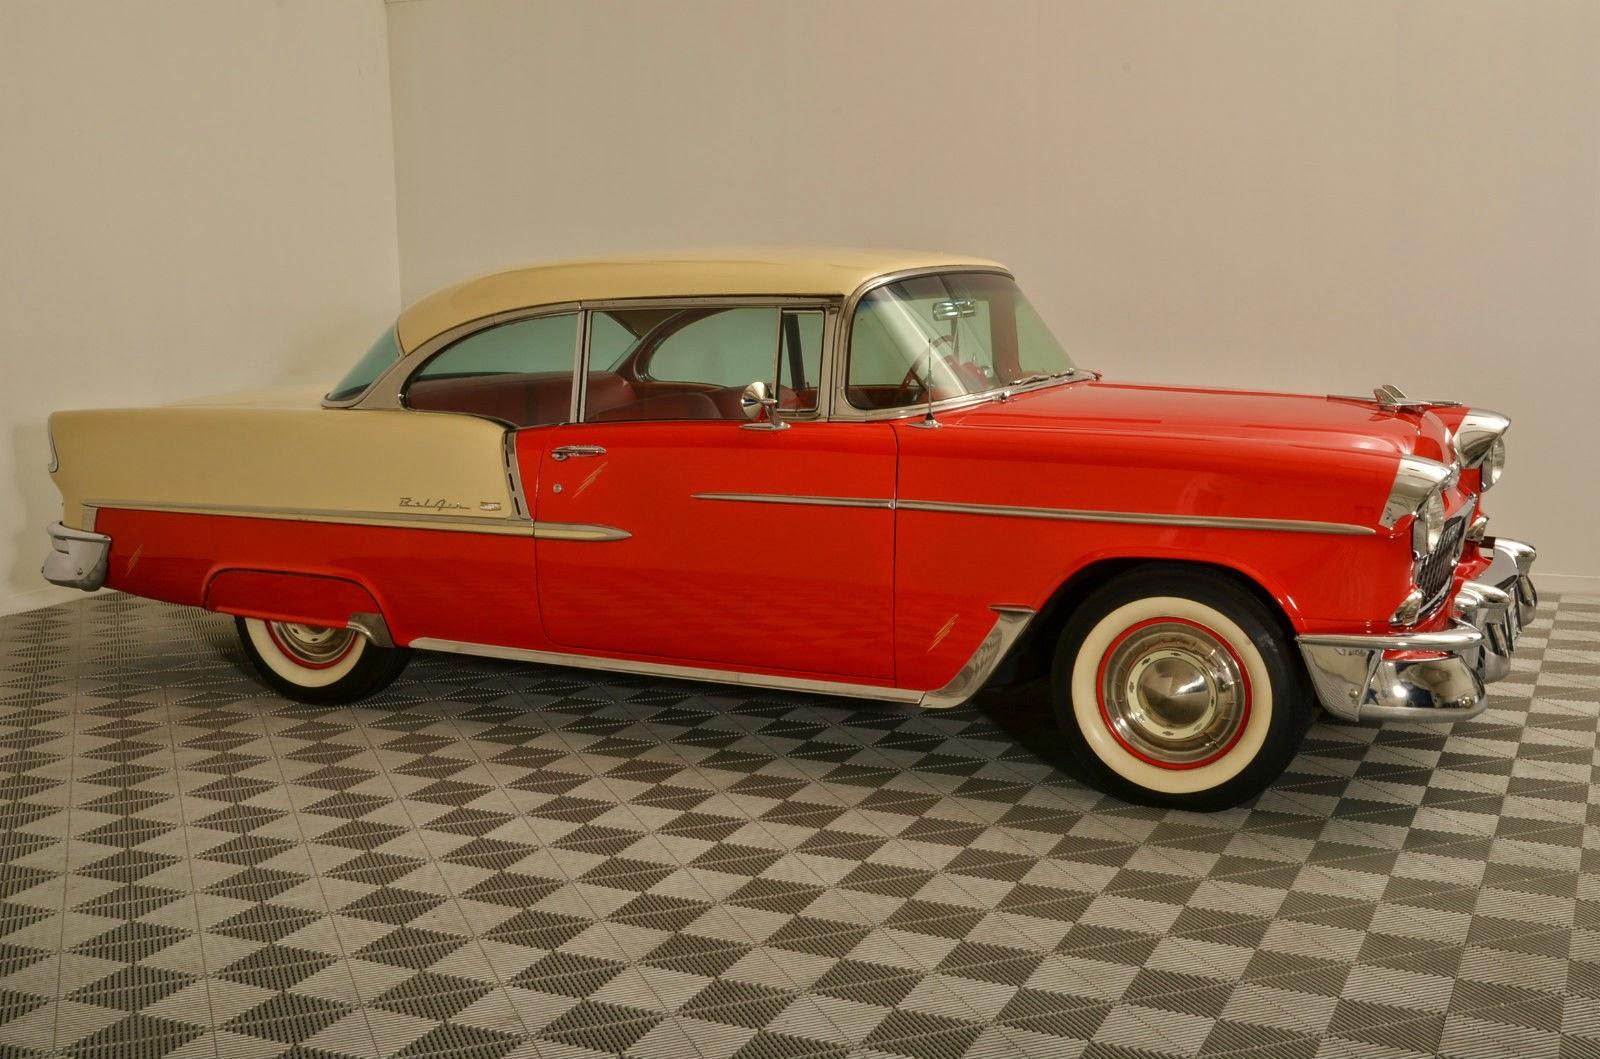 All american classic cars 1955 chevrolet bel air 2 door for 1955 chevy 4 door to 2 door conversion